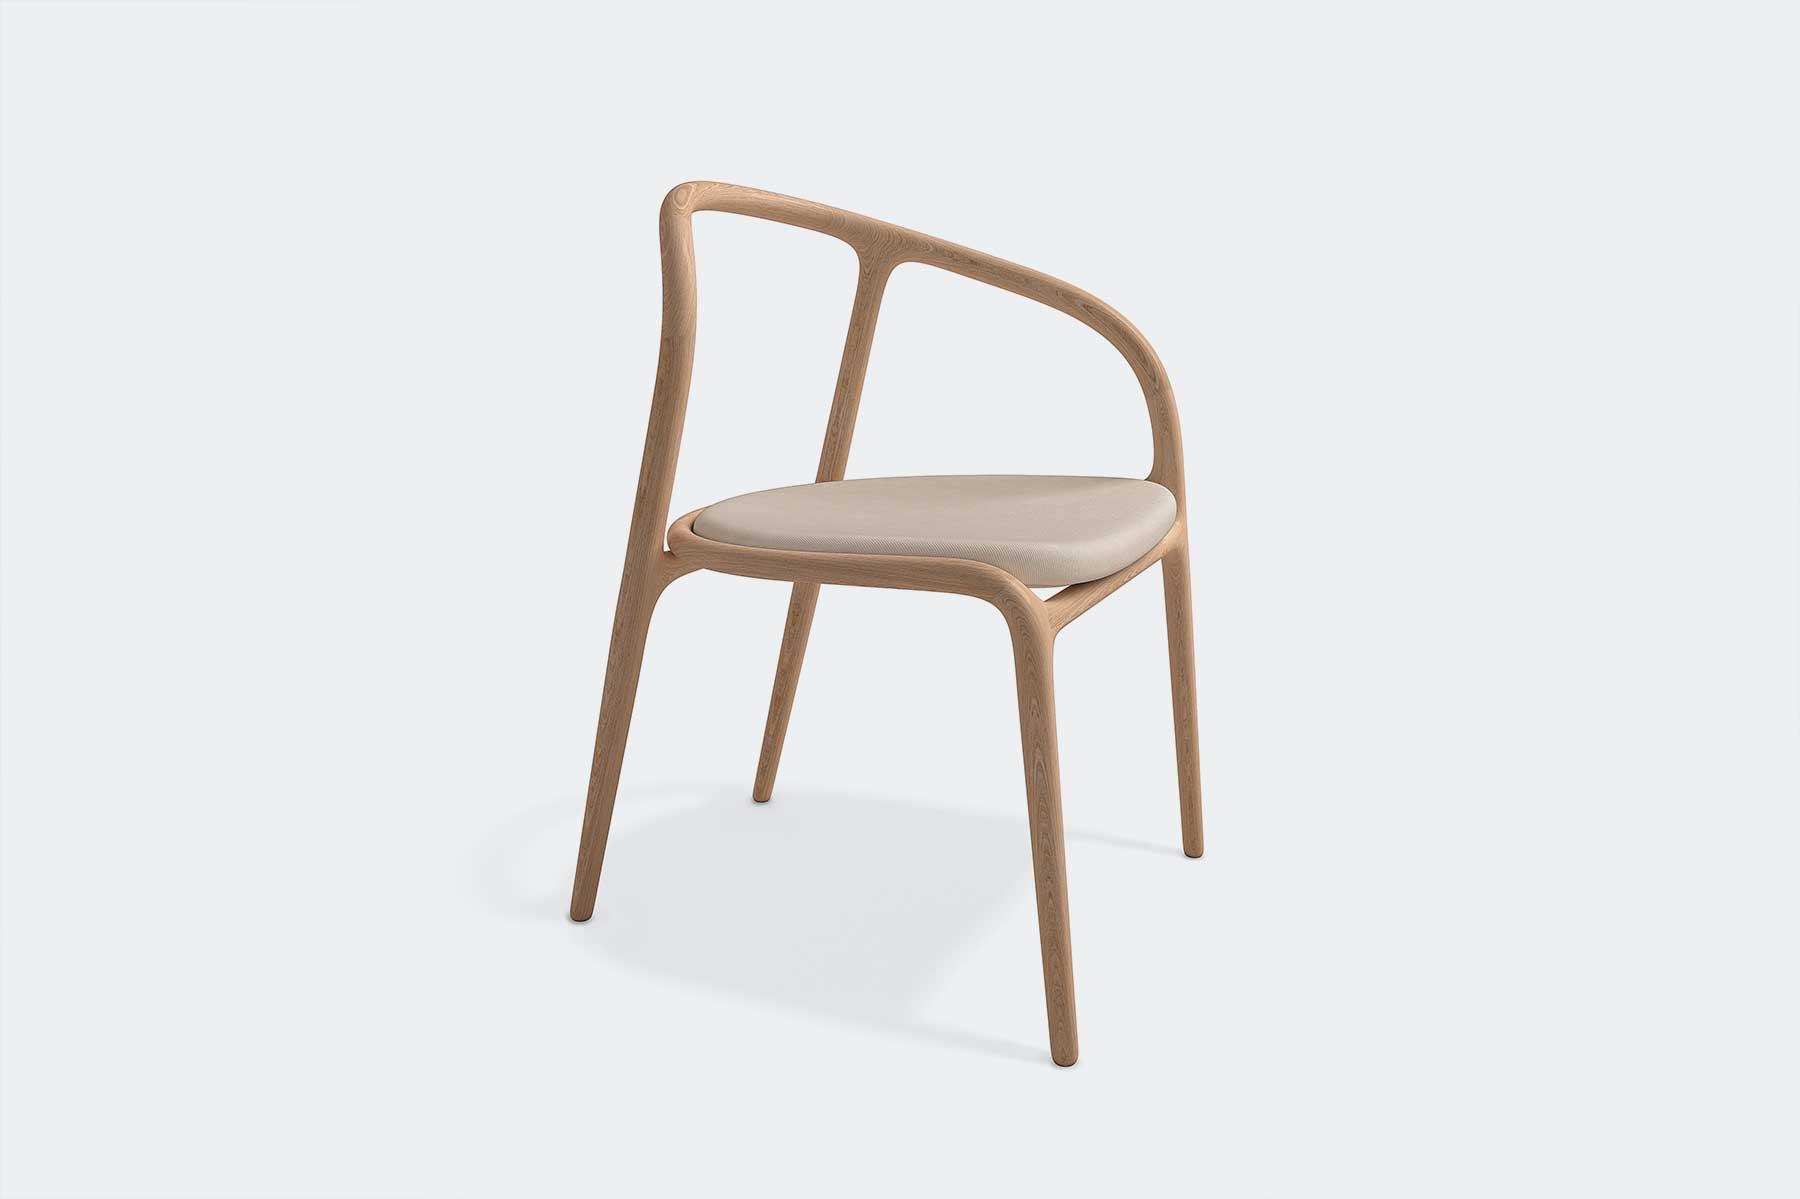 detalle diseño silla manca de madera